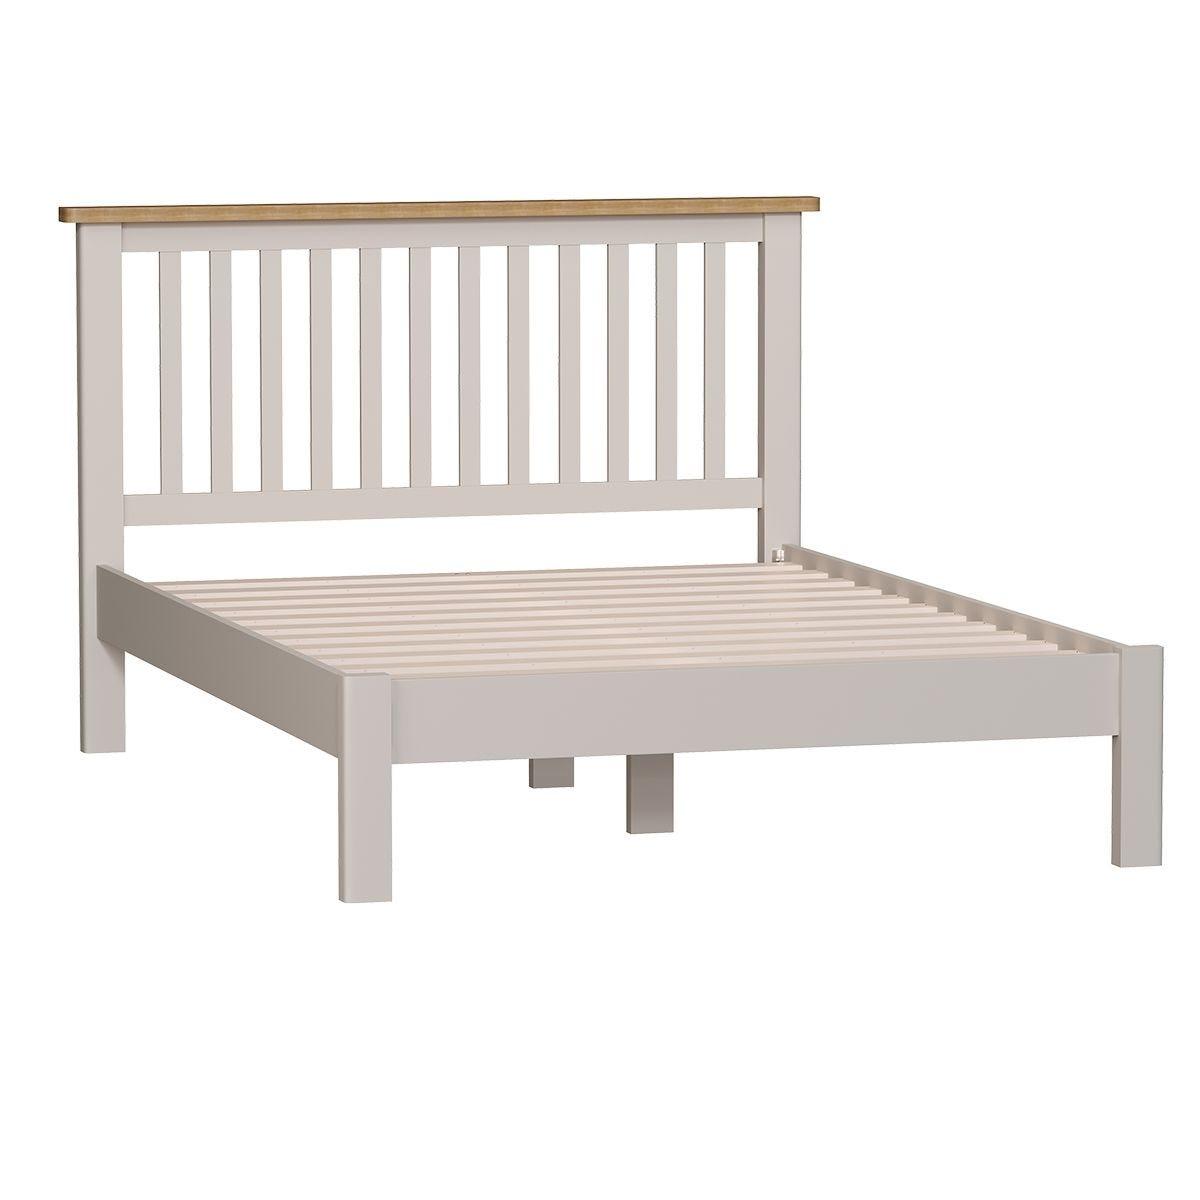 Elmridge Kingsize Bed Frame